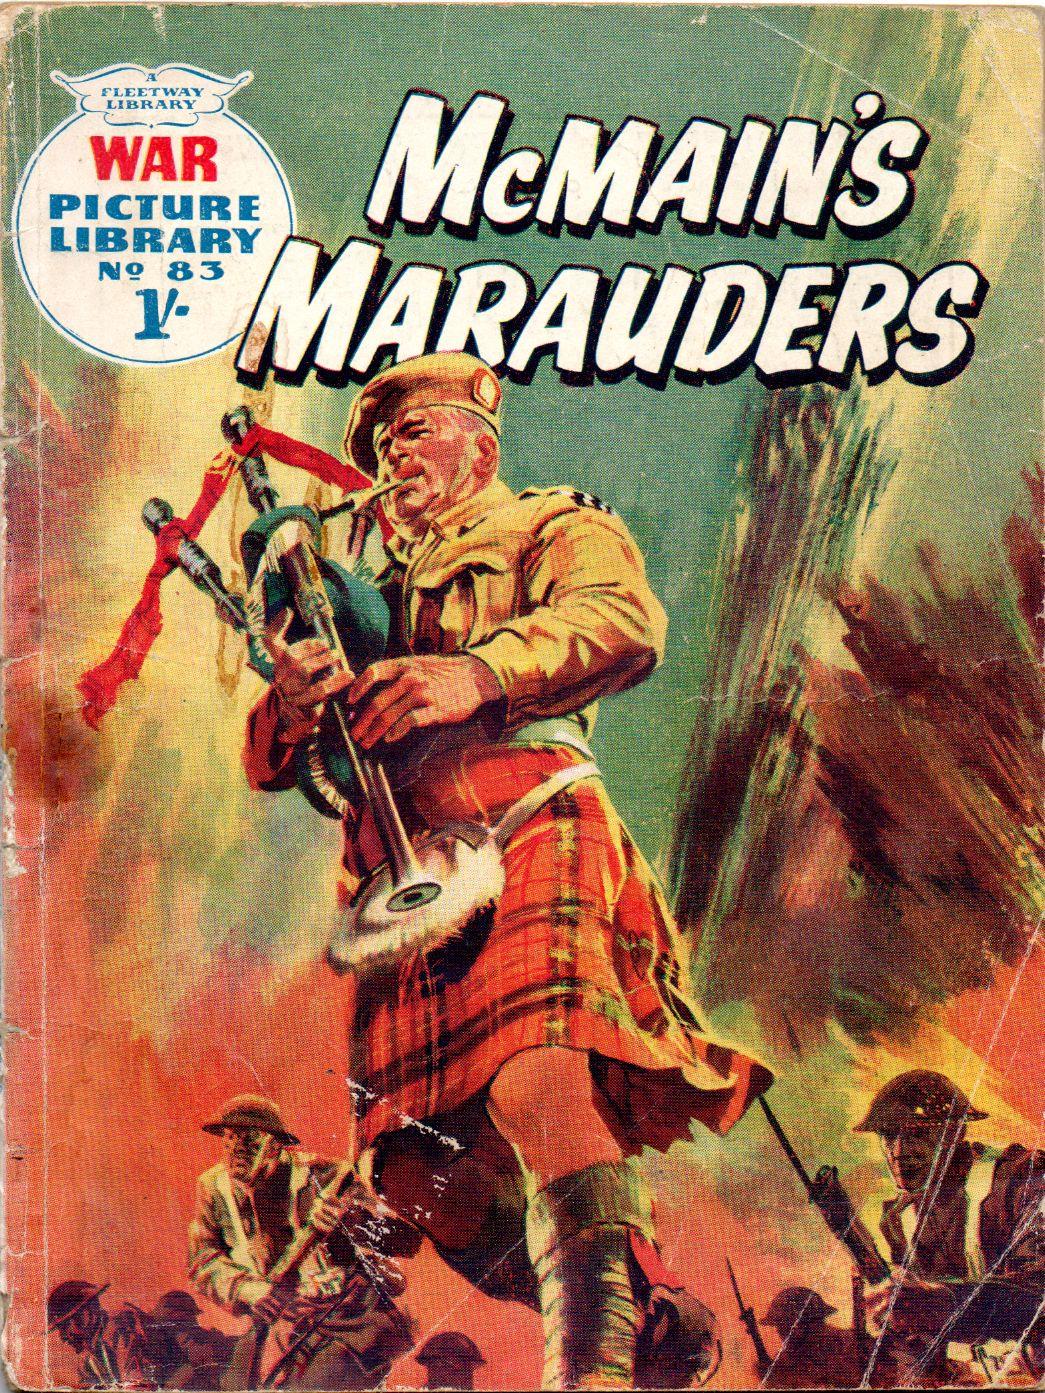 McMain's Marauders